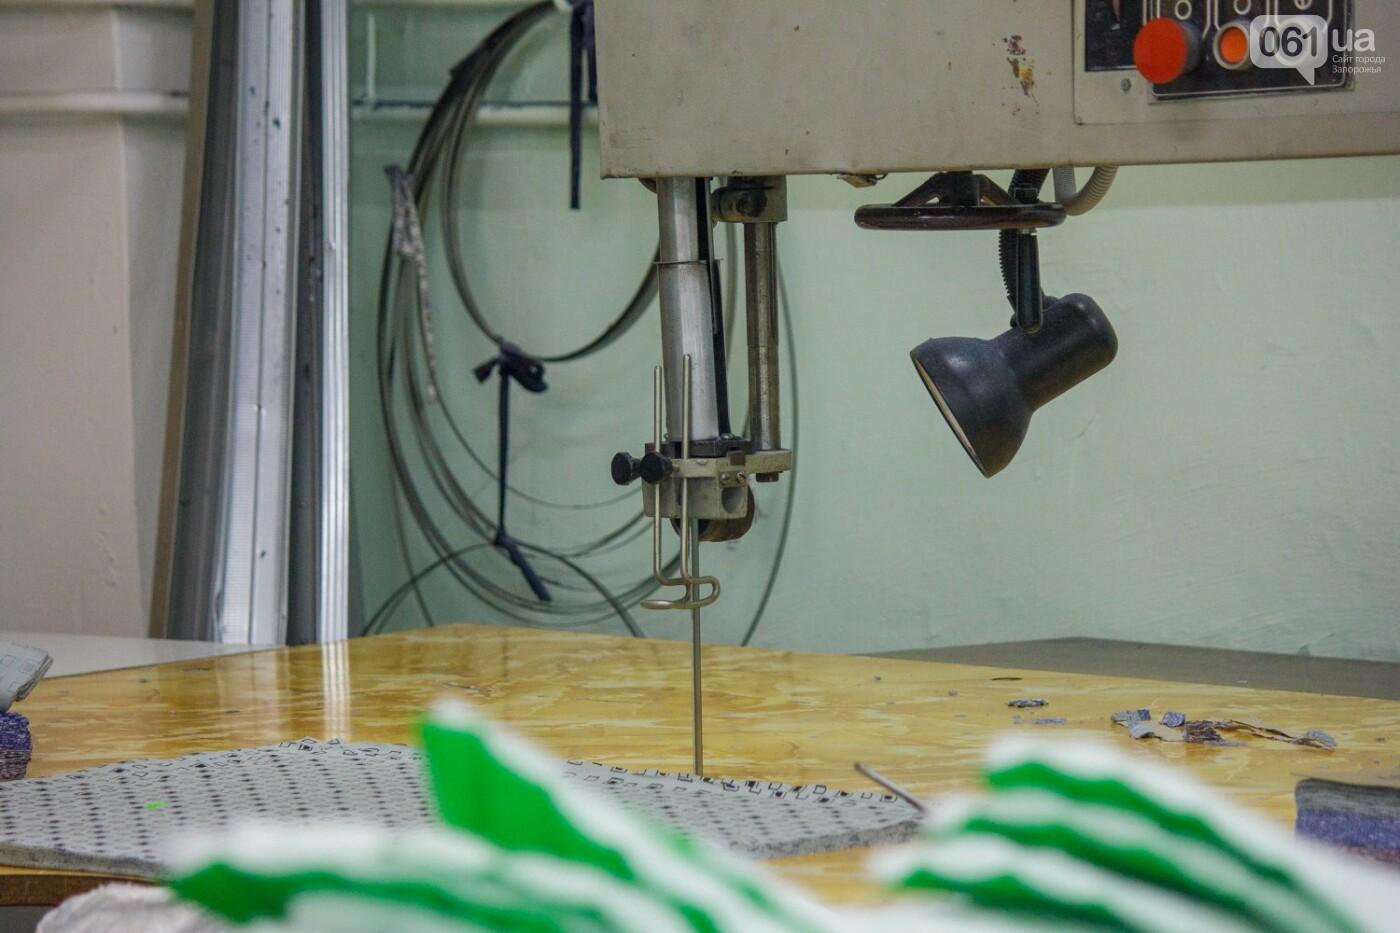 Как в Запорожье шьют мужское белье: экскурсия на трикотажную фабрику, – ФОТОРЕПОРТАЖ, фото-21